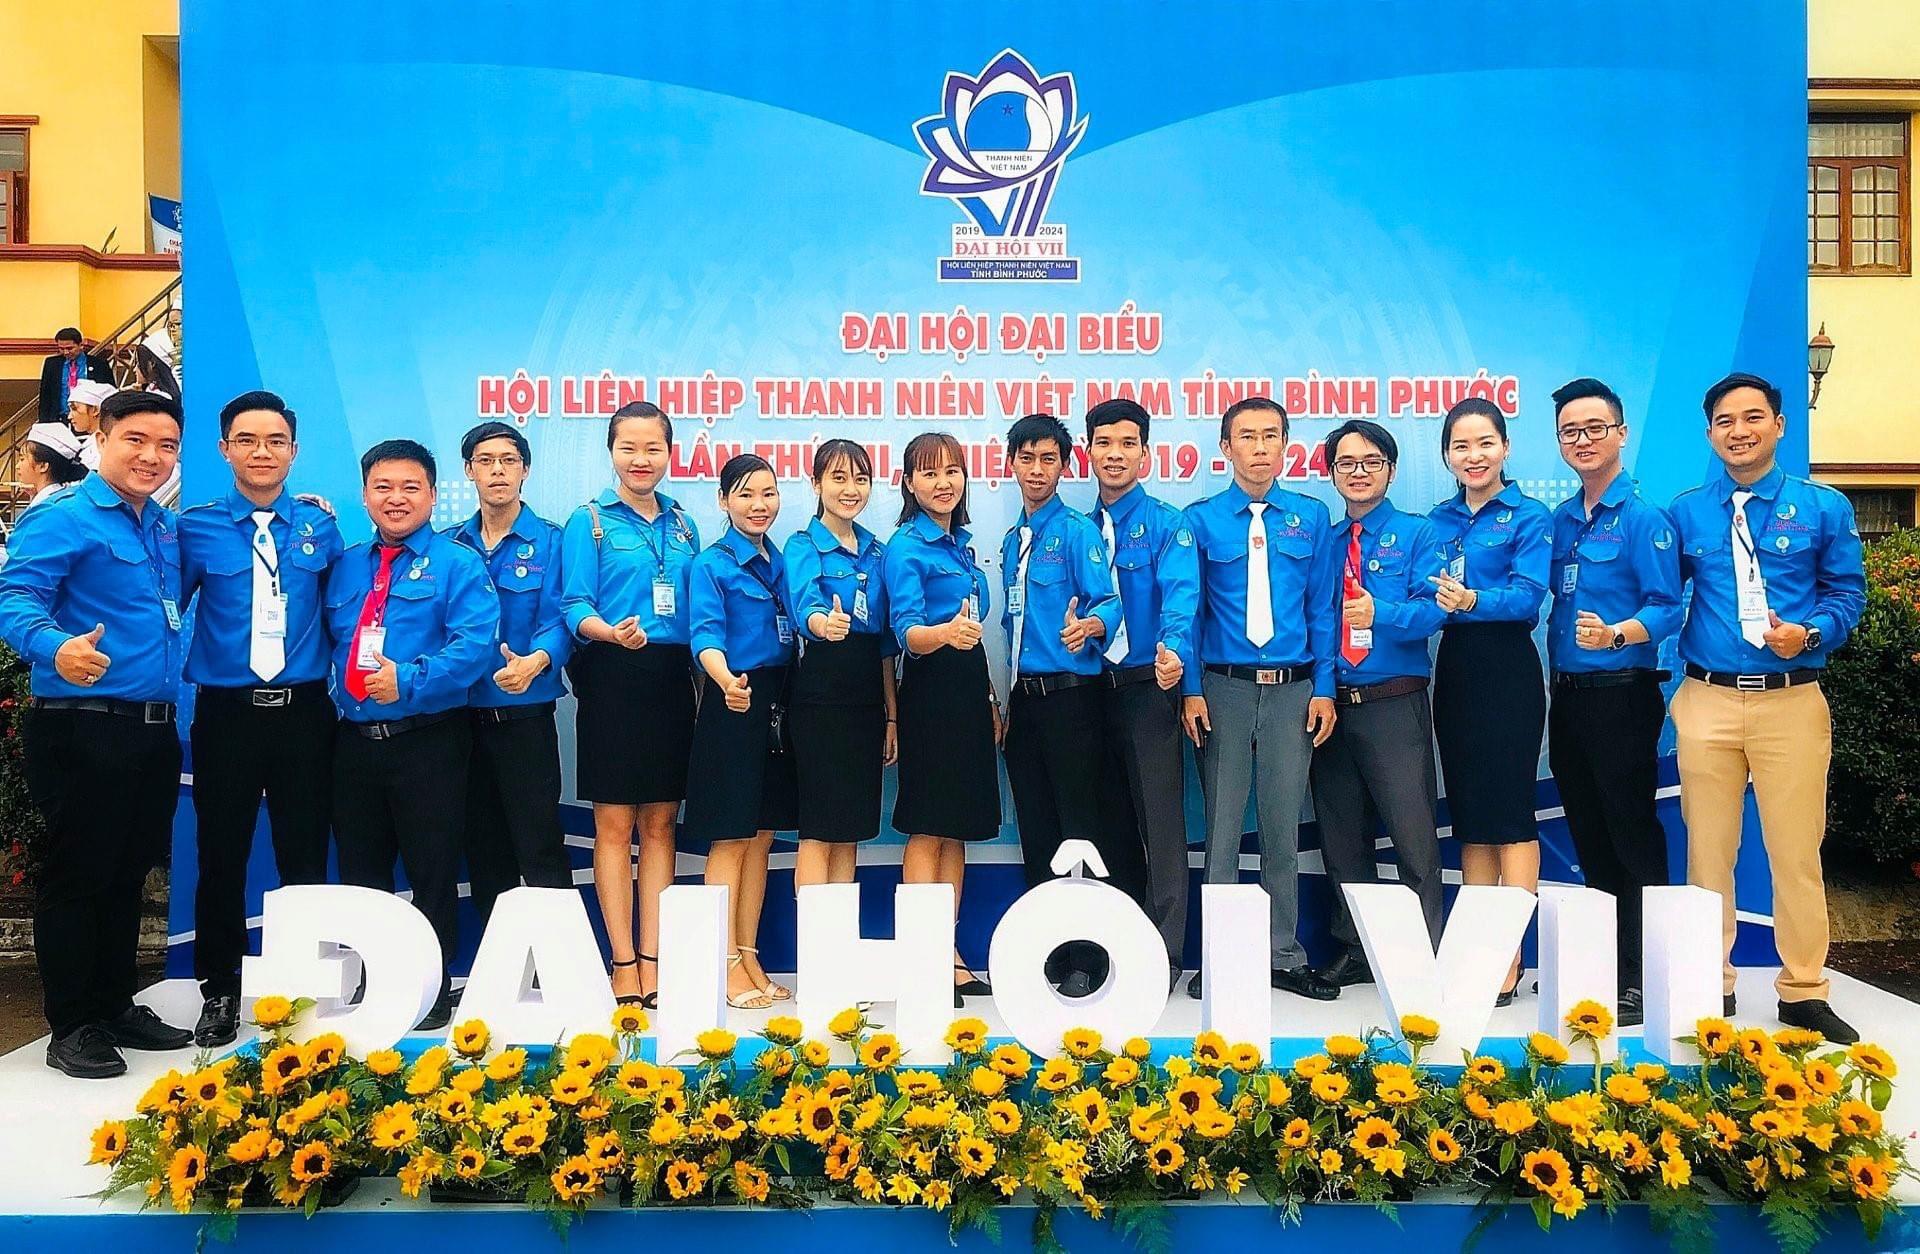 Startup 8x Nguyễn Hoàng Đạt (bên phải, phía ngoài cùng) là một cán bộ Hội tiêu biểu, được chọn cử là đại biểu tham dự Đại hội Hội LHTN Việt Nam tỉnh Bình Phước nhiệm kỳ 2019 - 2024.